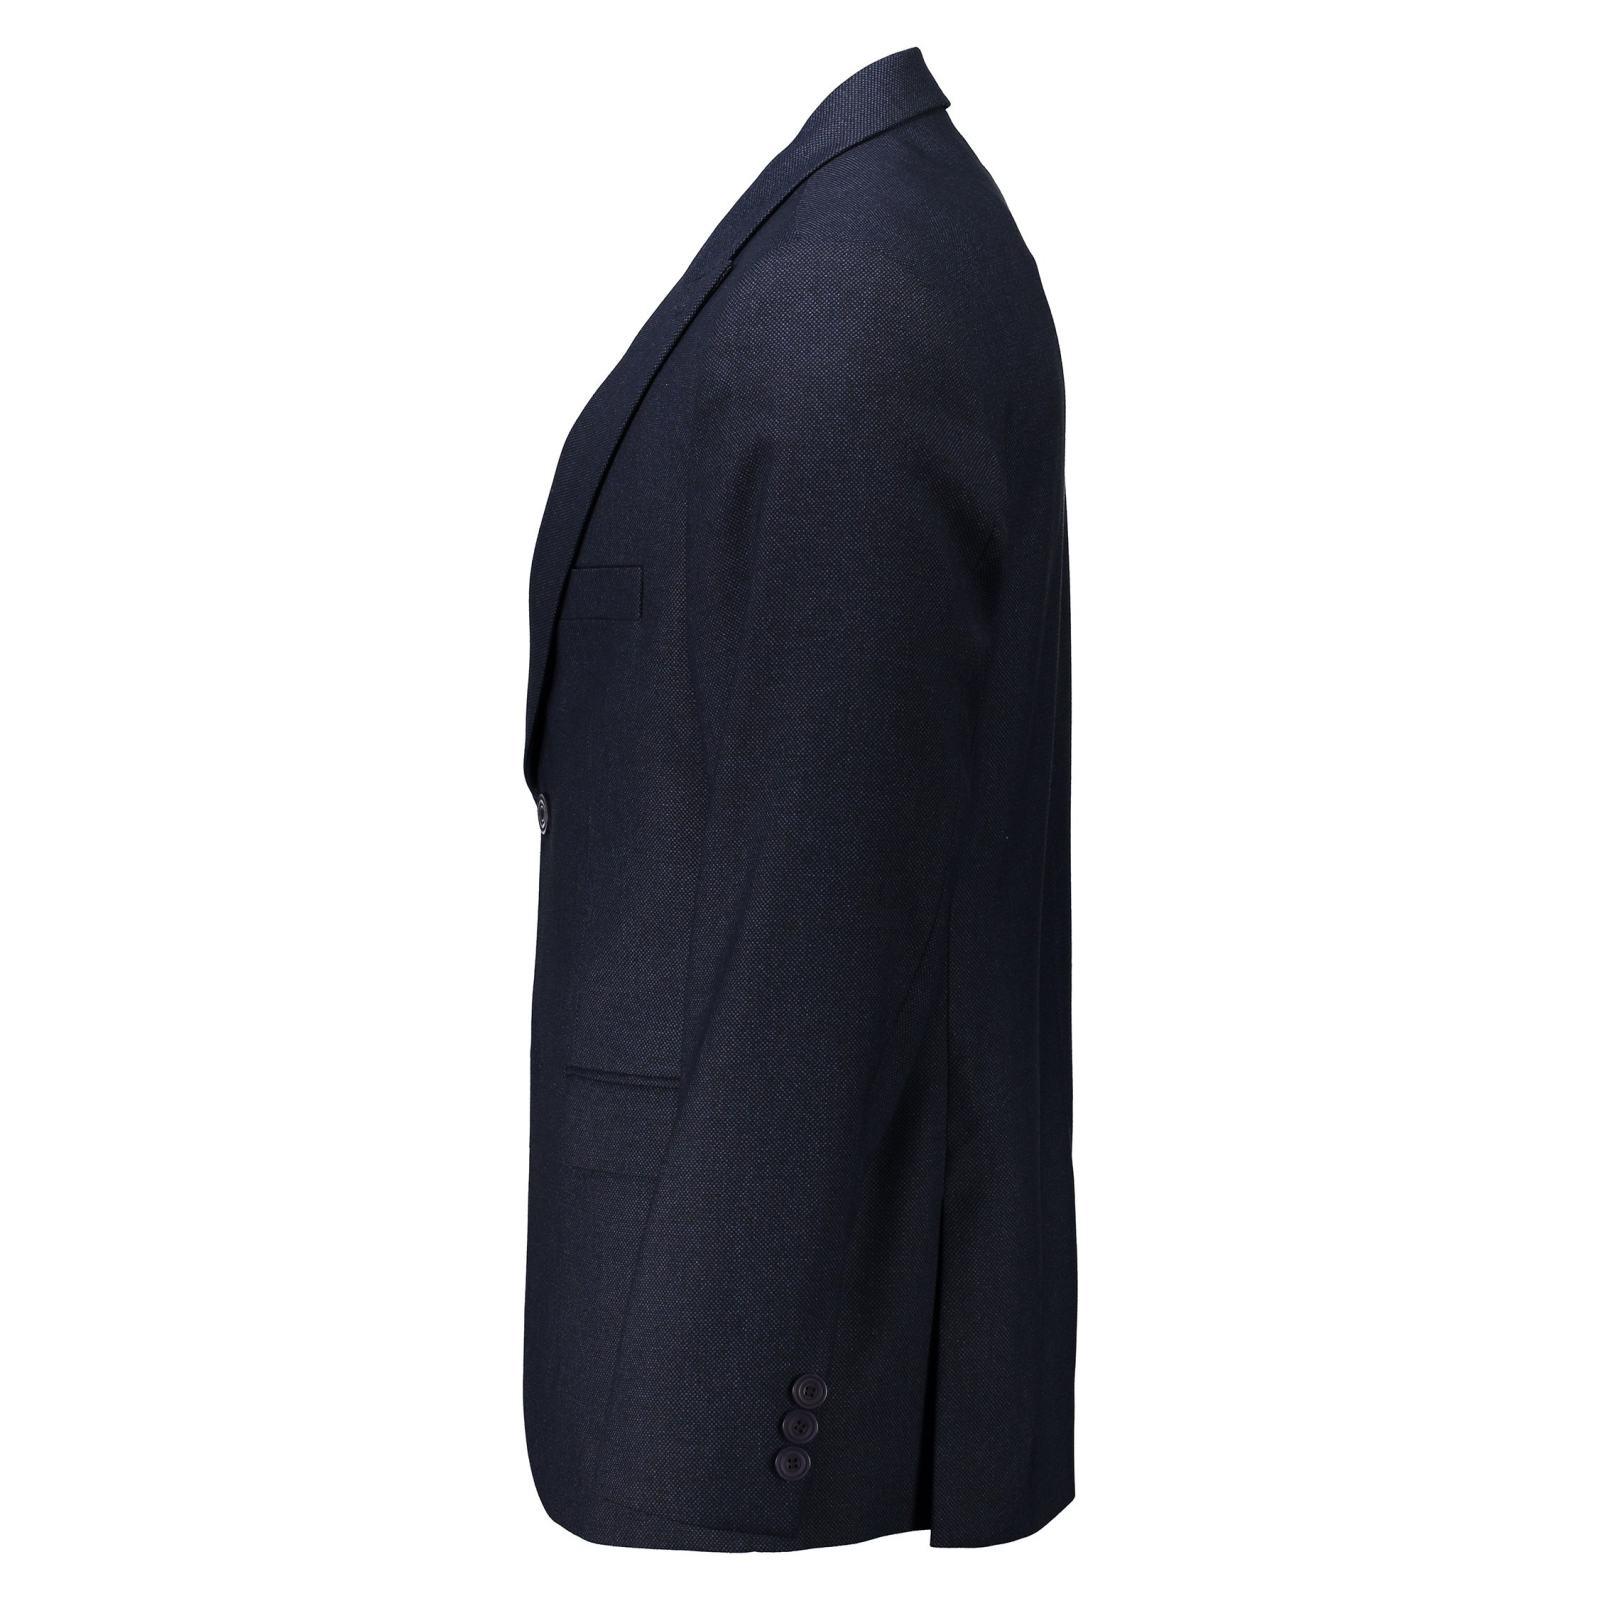 کت تک رسمی مردانه - خانه مد راد - سرمه اي - 2